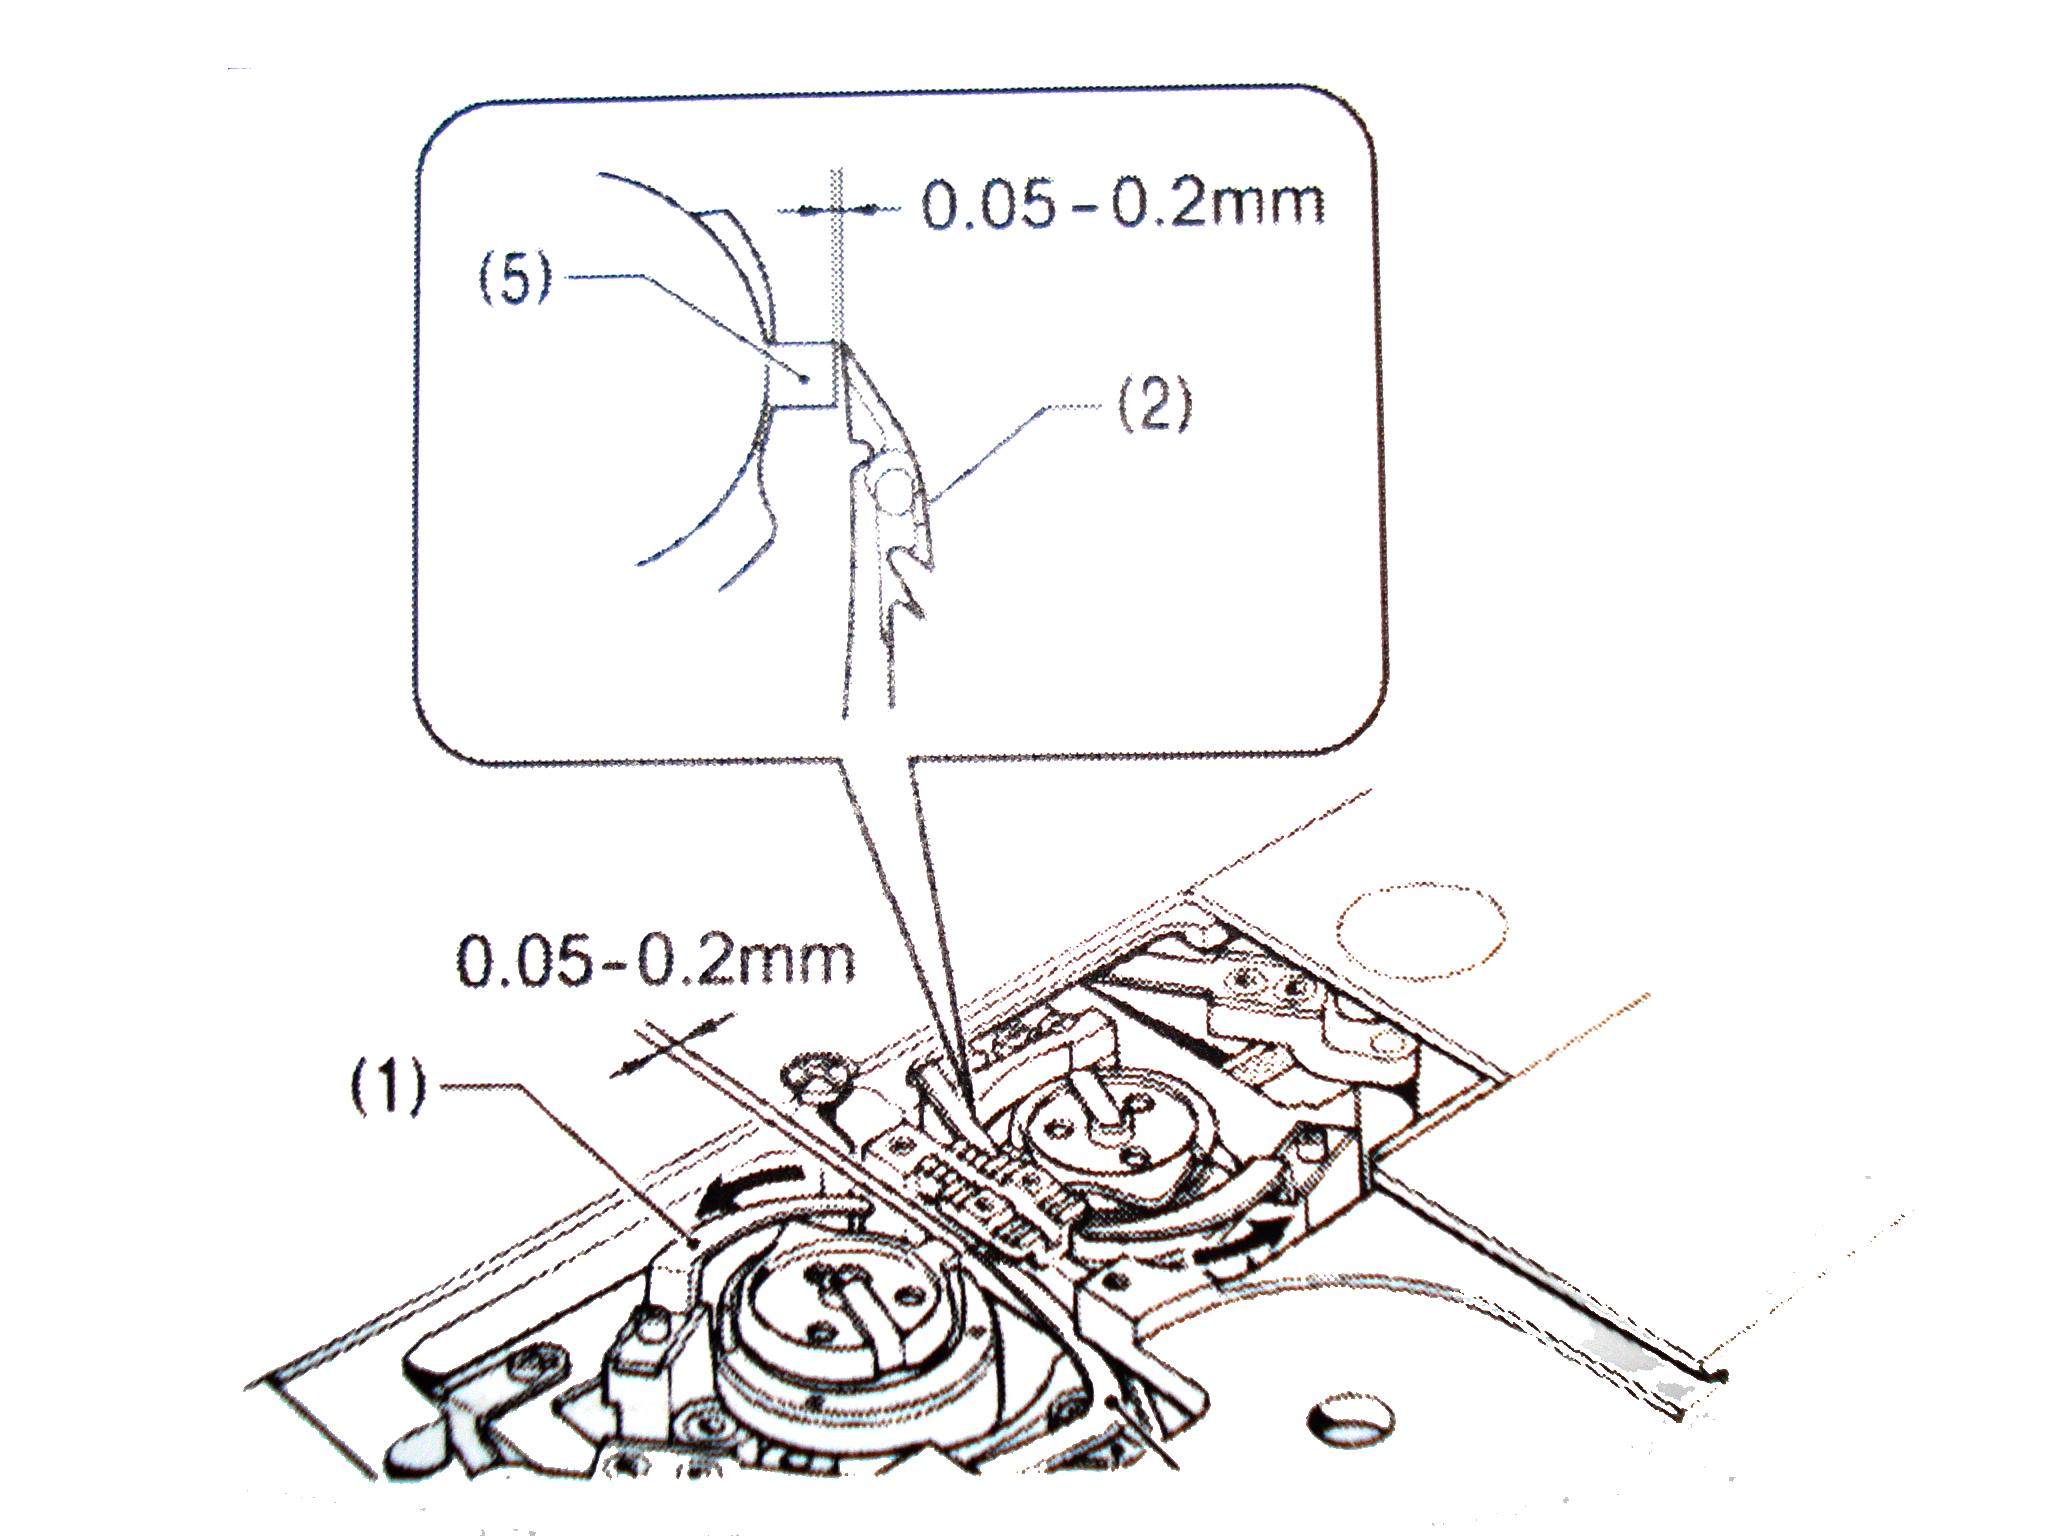 产品标题: 富山缝纫机h9200系列(电脑直驱双针机)